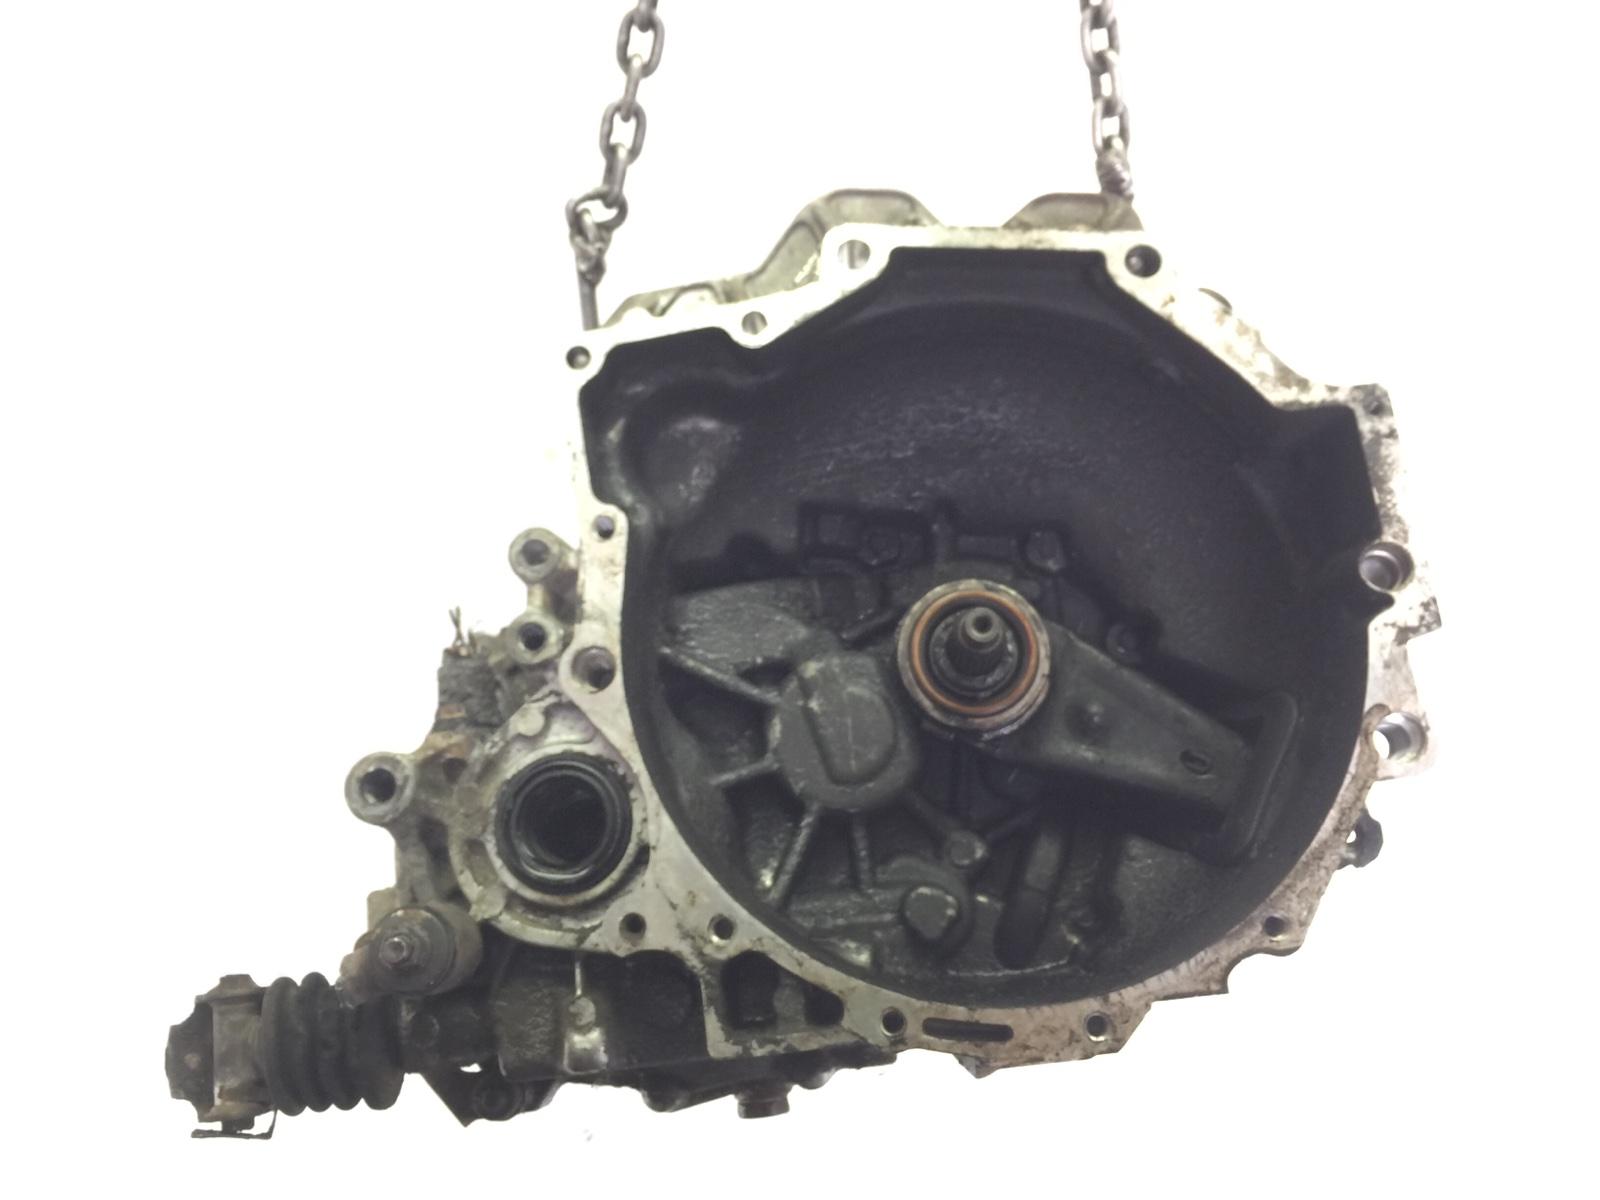 Кпп механическая (мкпп) Kia Carens 1.8 I 2004 (б/у)